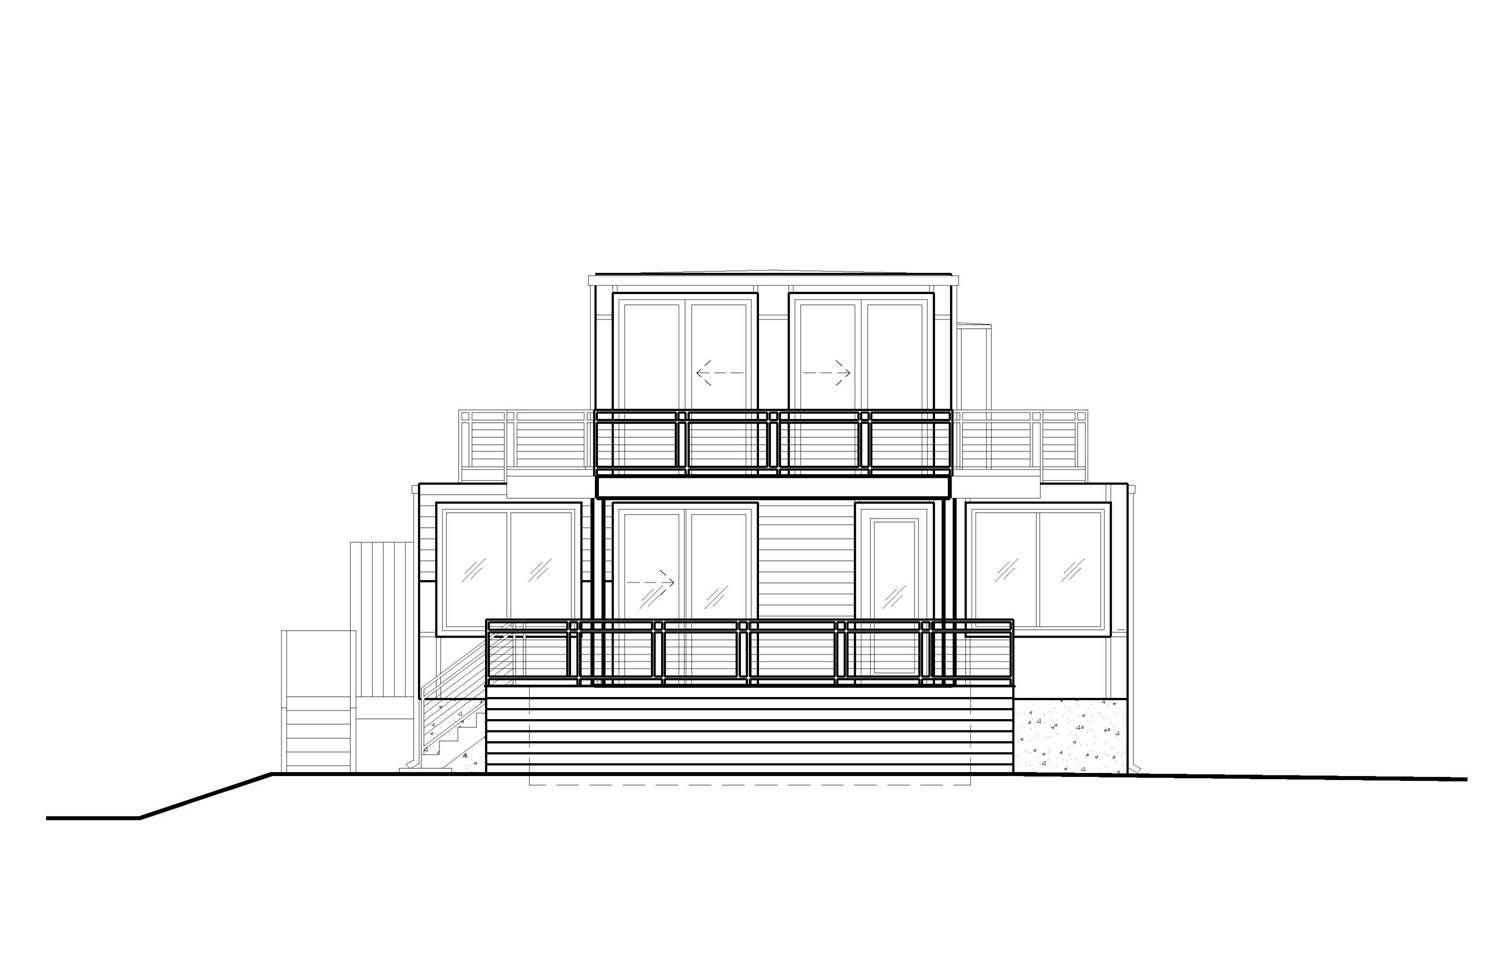 Best Kitchen Gallery: Container Layout Beach House Pinterest House of Shipping Container Layout on rachelxblog.com